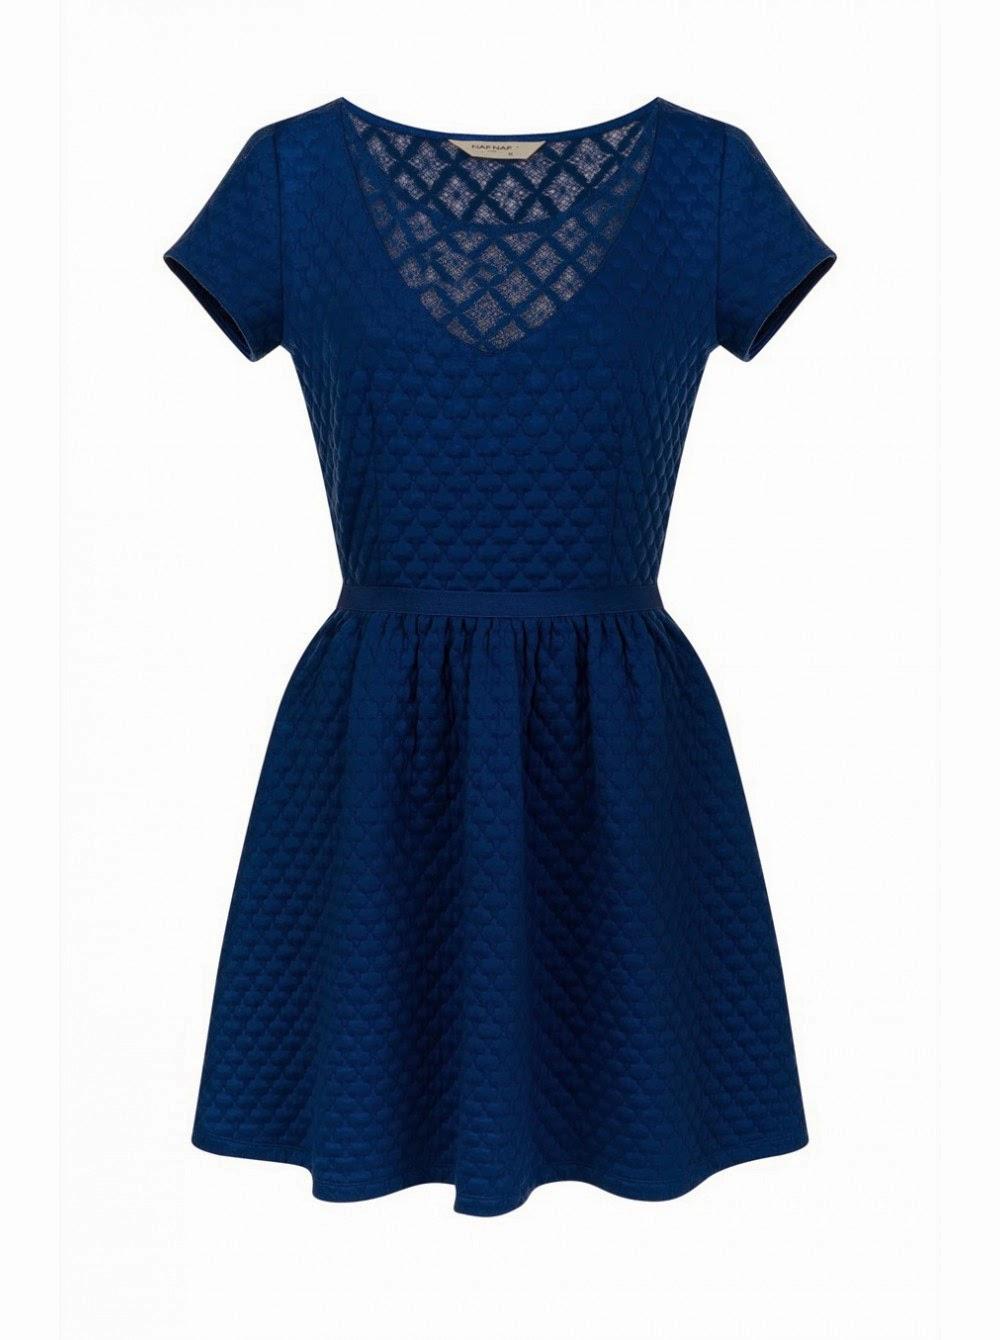 robe bleu naf naf